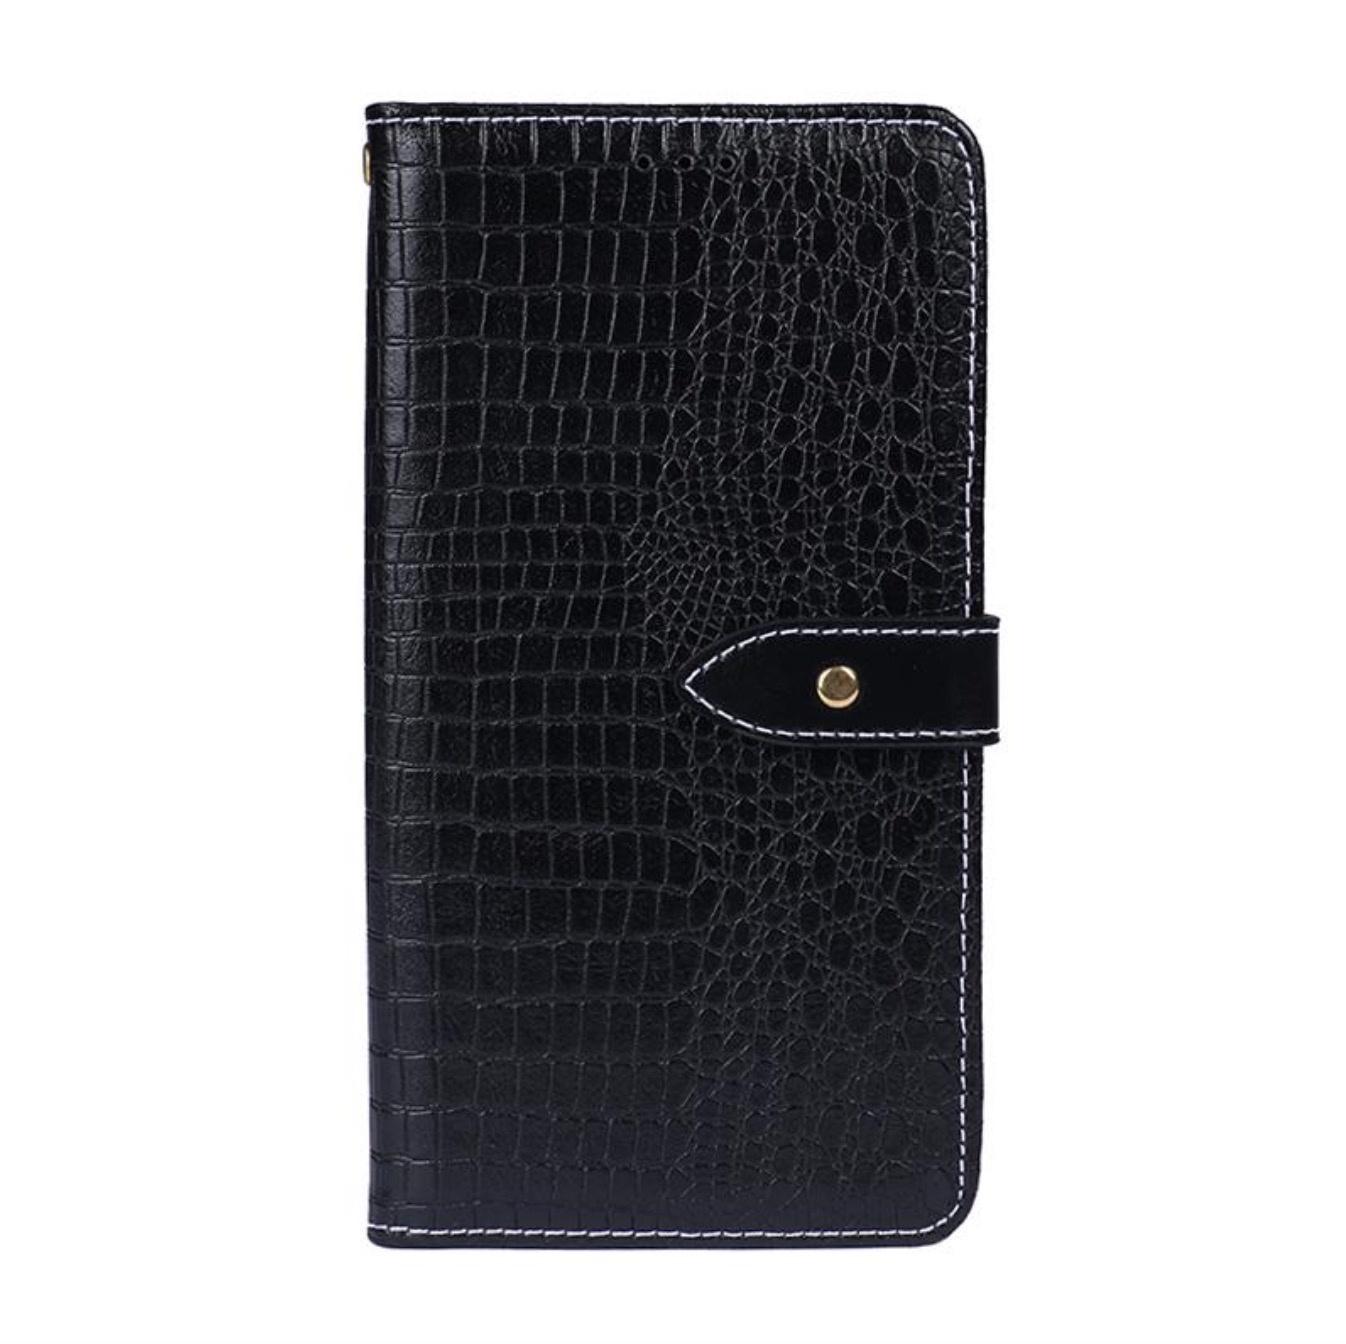 Чехол-книжка MyPads для OnePlus 7 Pro с фактурной прошивкой рельефа кожи крокодила с застежкой и визитницей черный